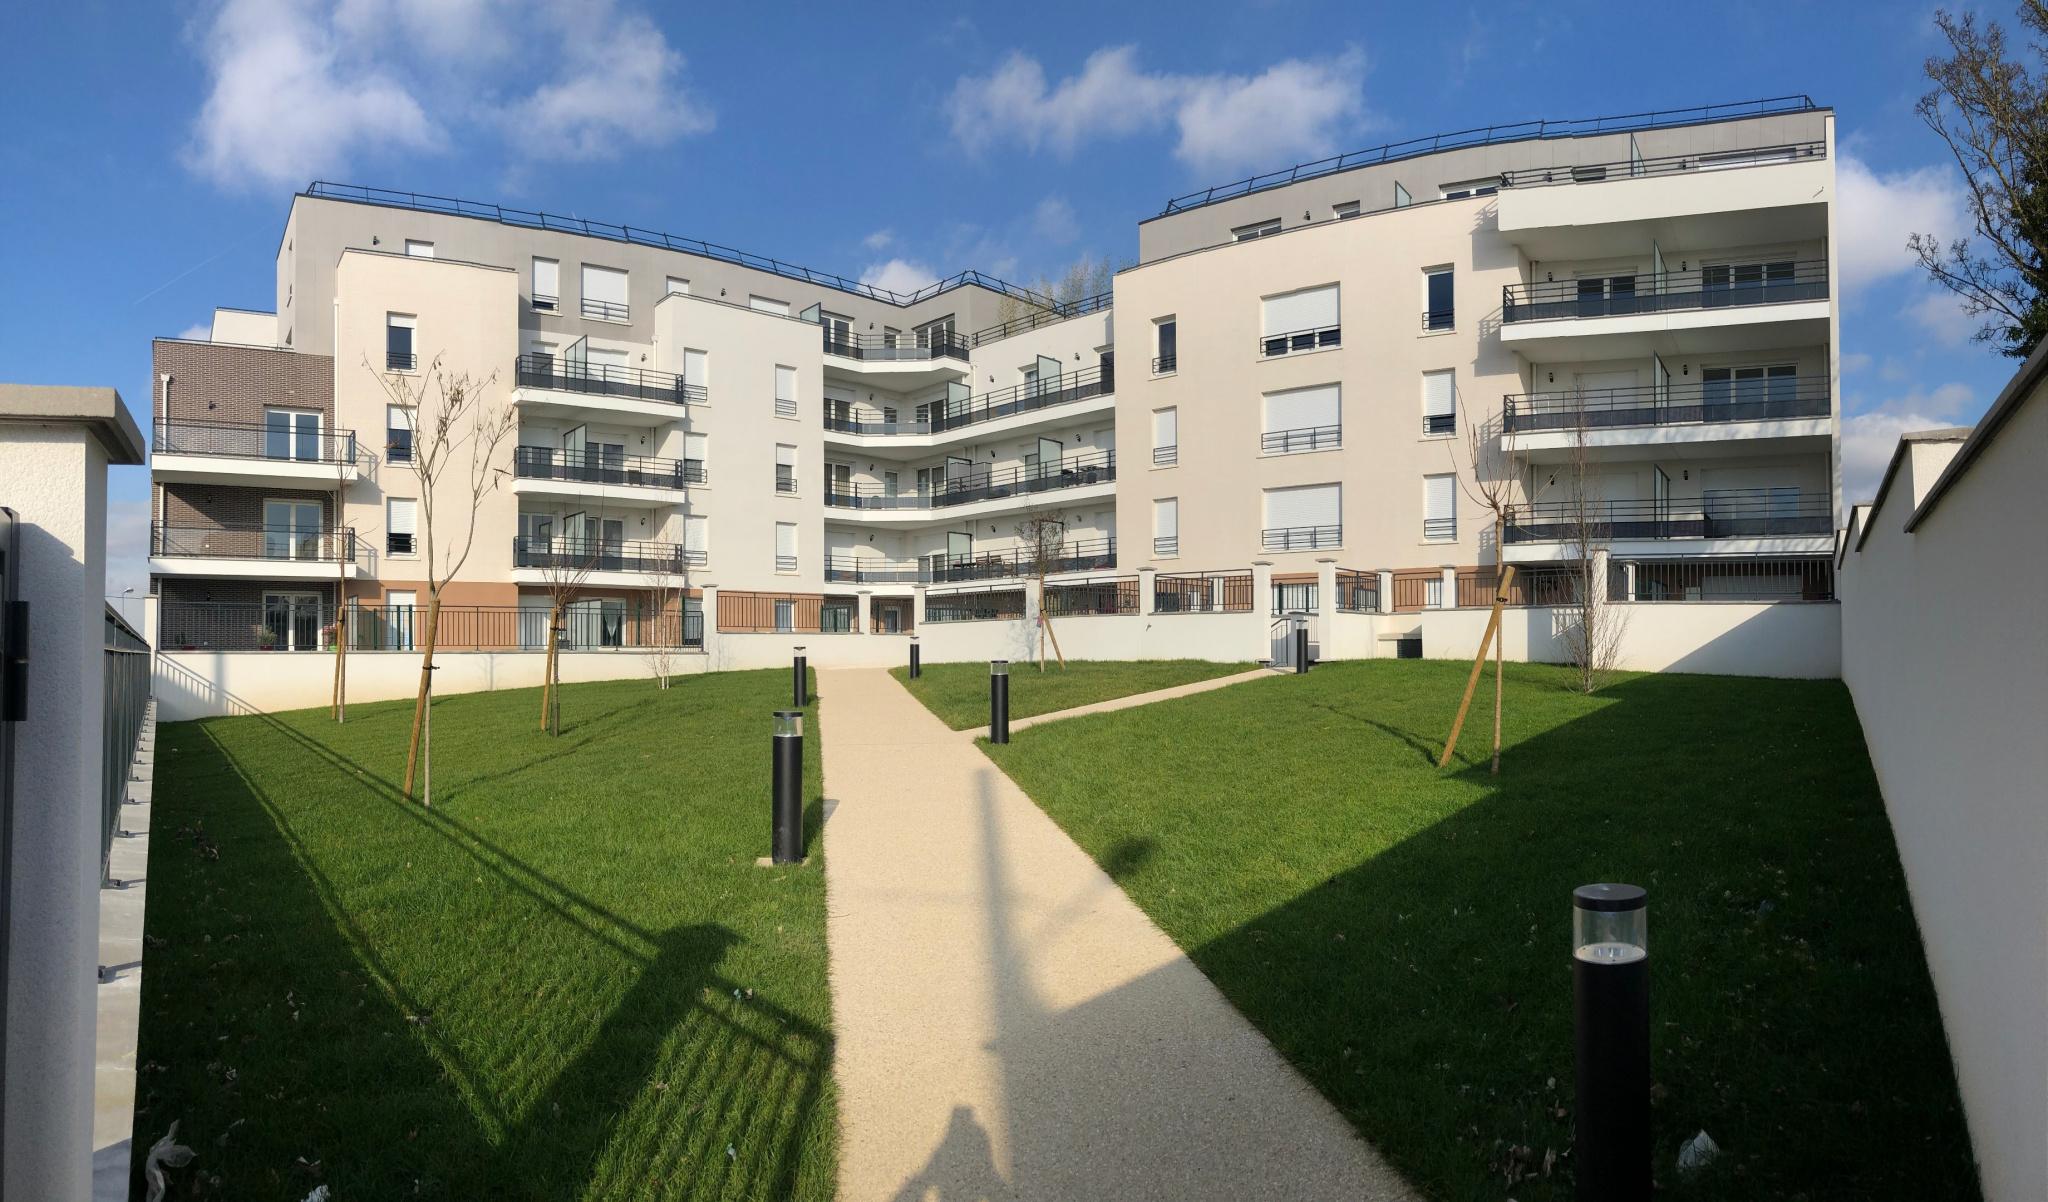 Location Appartement Noisy Le Grand 93160 Sur Le Partenaire